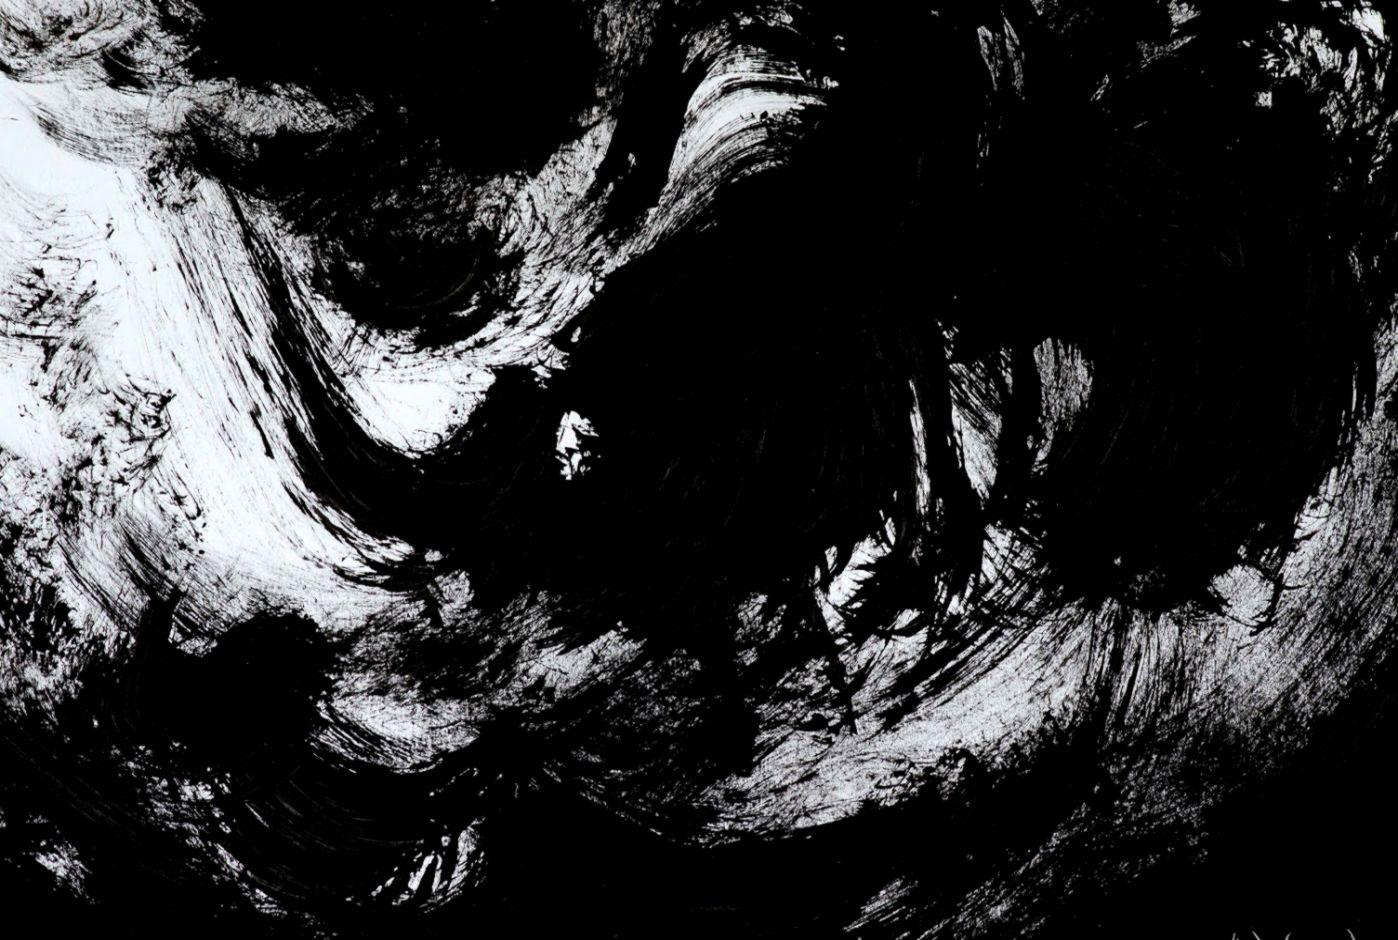 Dark Abstract Art Paintings Hd Artworks Widescreen - Abstract Art Wallpaper Dark - HD Wallpaper